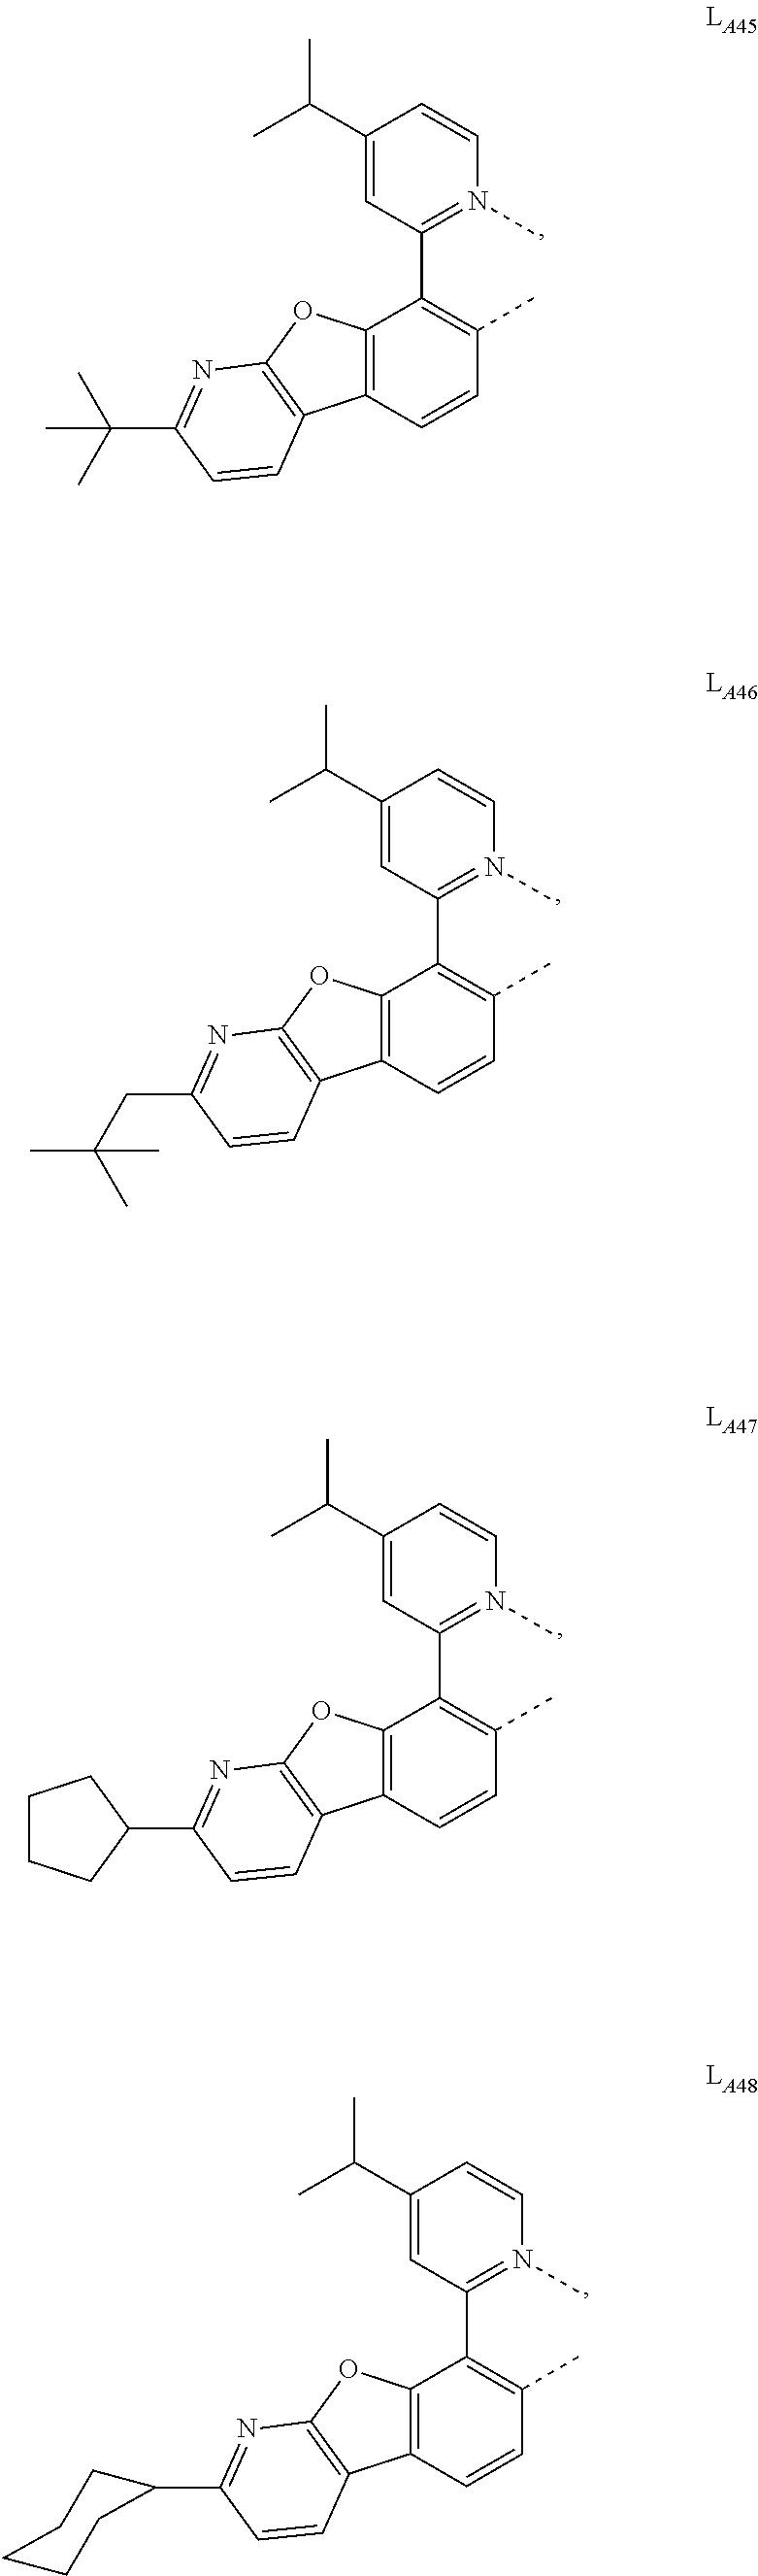 Figure US10043987-20180807-C00018